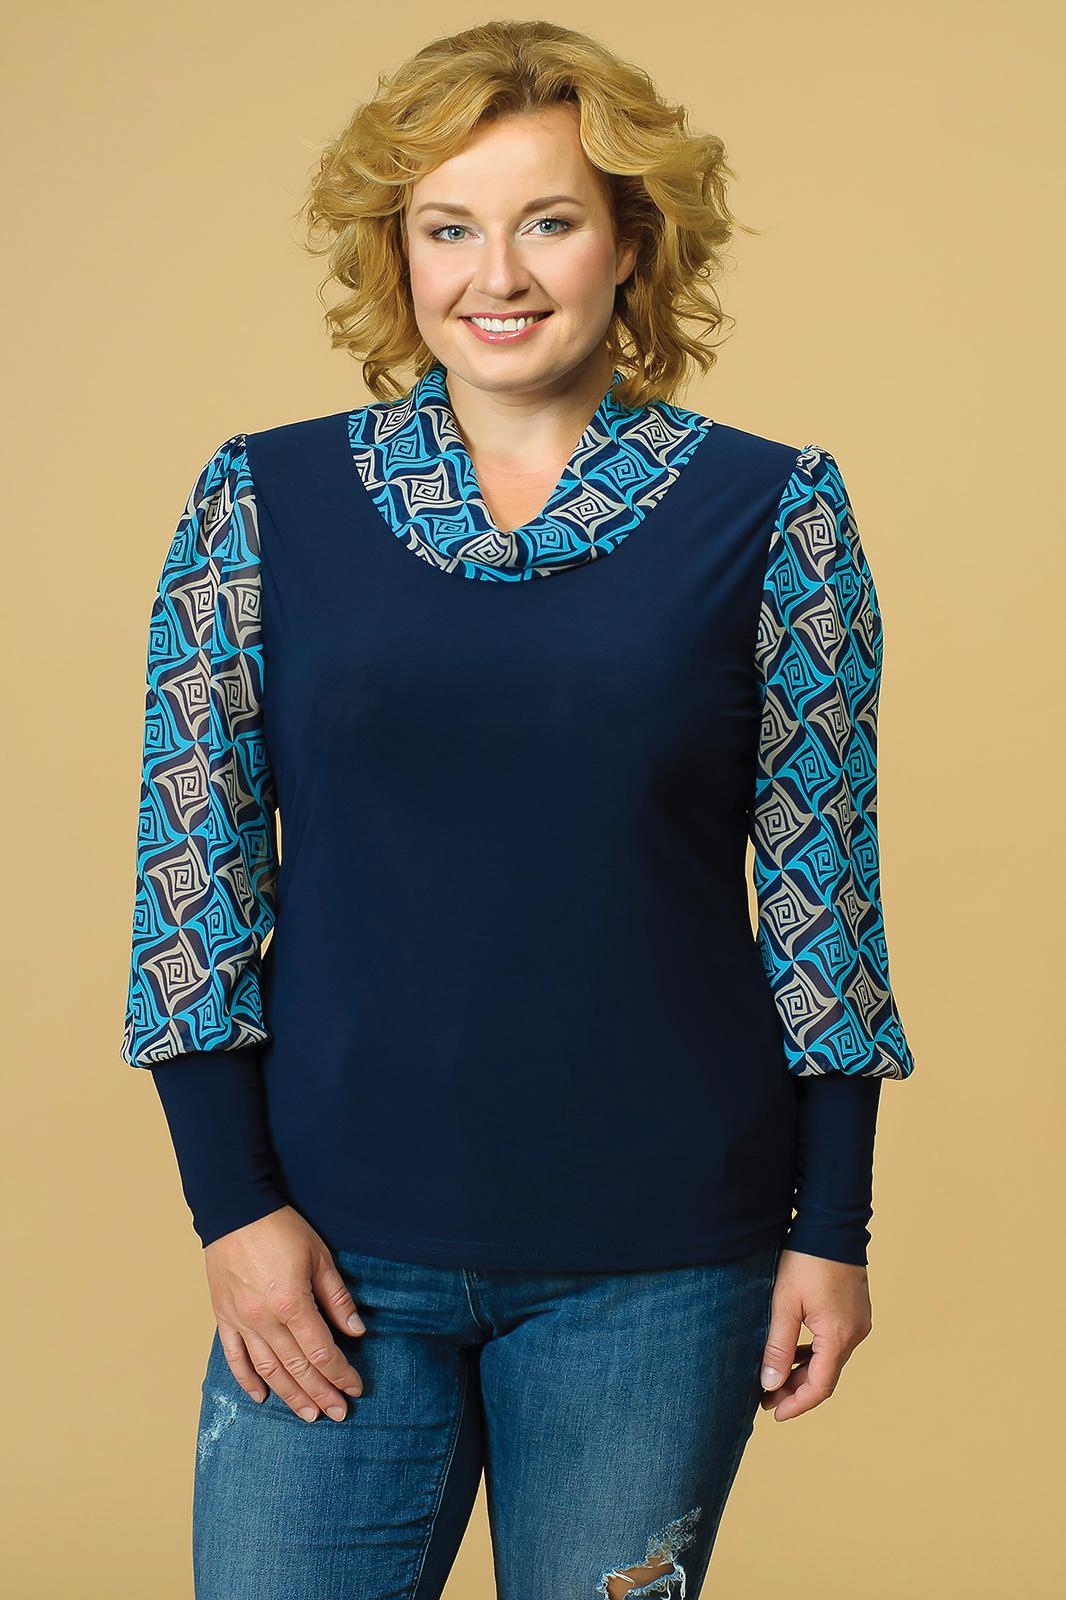 Купить блузки женские в интернет магазине недорого